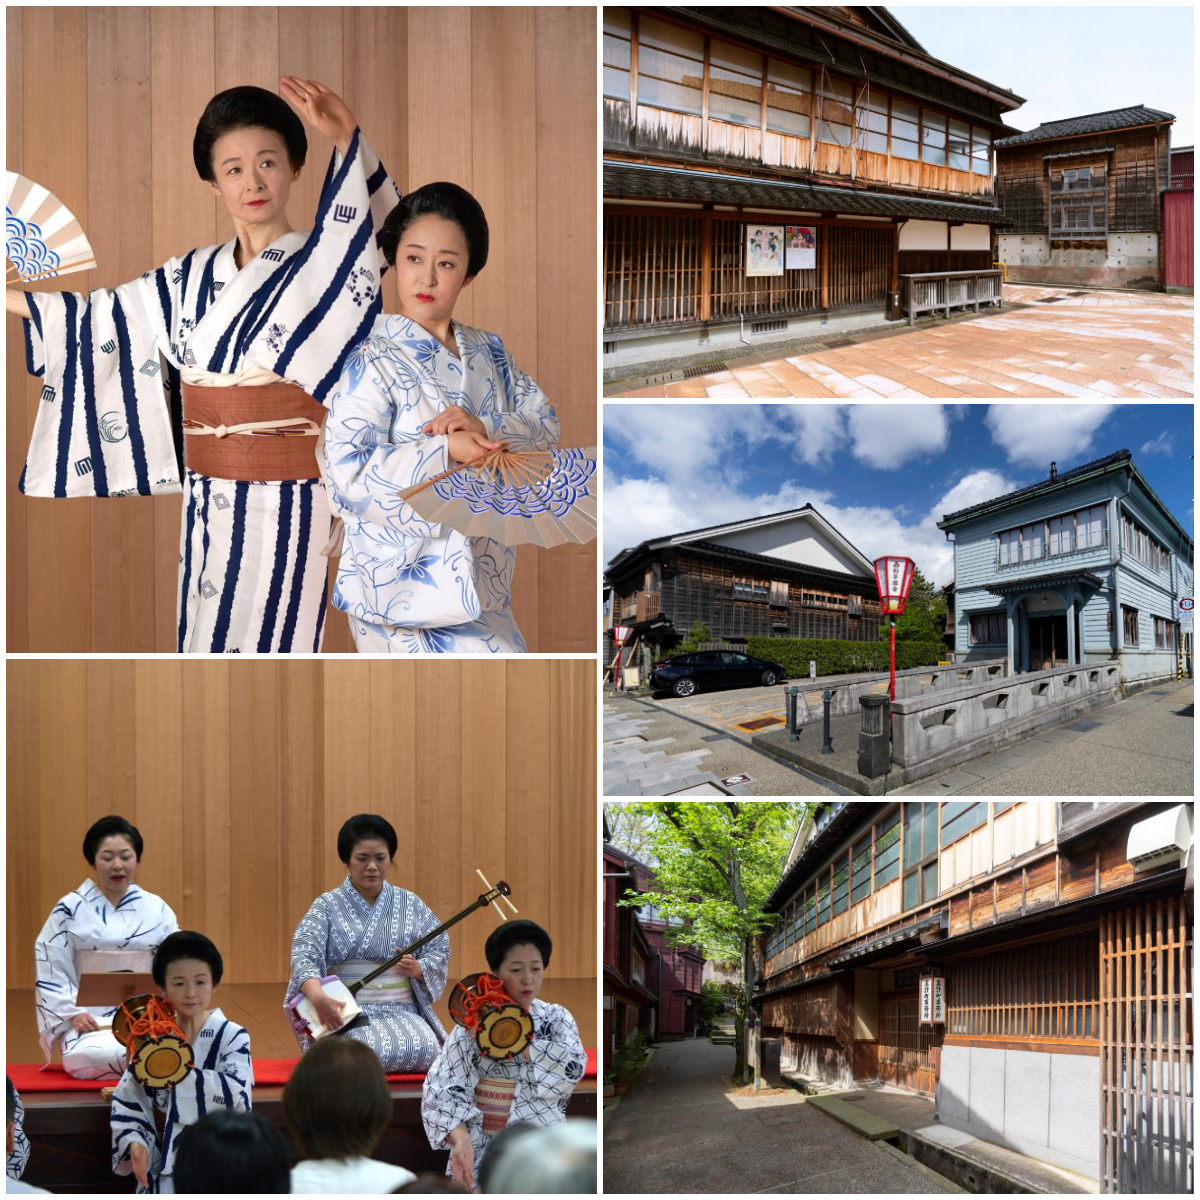 「金沢芸妓 夏のお稽古風景特別体験会」好評実施中。